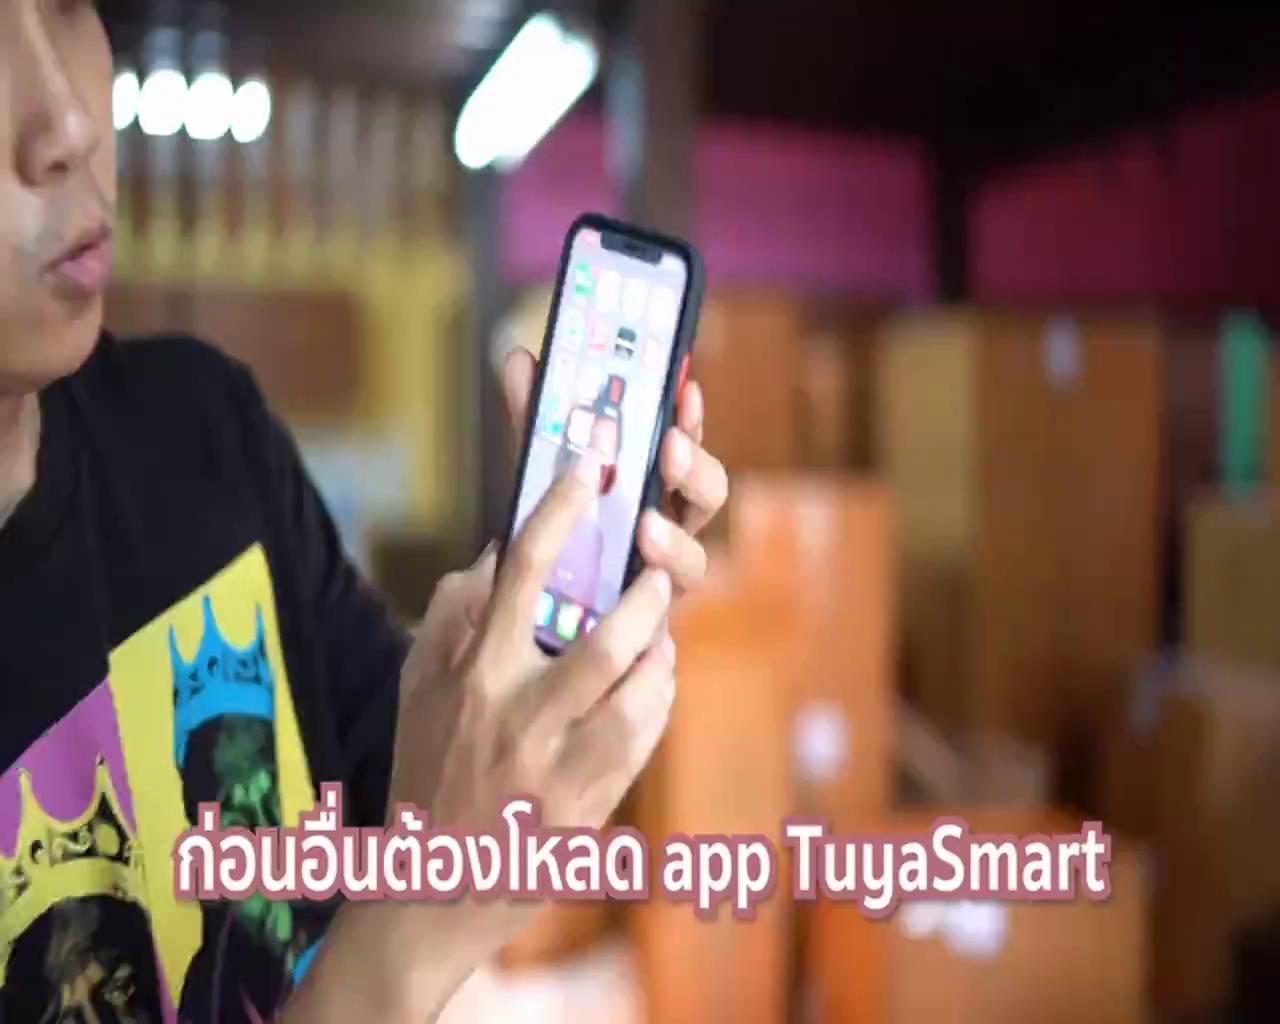 หุ่นยนต์ดูดฝุ่น กวาด หรือ ถูพื้น LIECTROUX T6S สั่งการทำงานผ่าน App TuyaSmat  สินค้าพร้